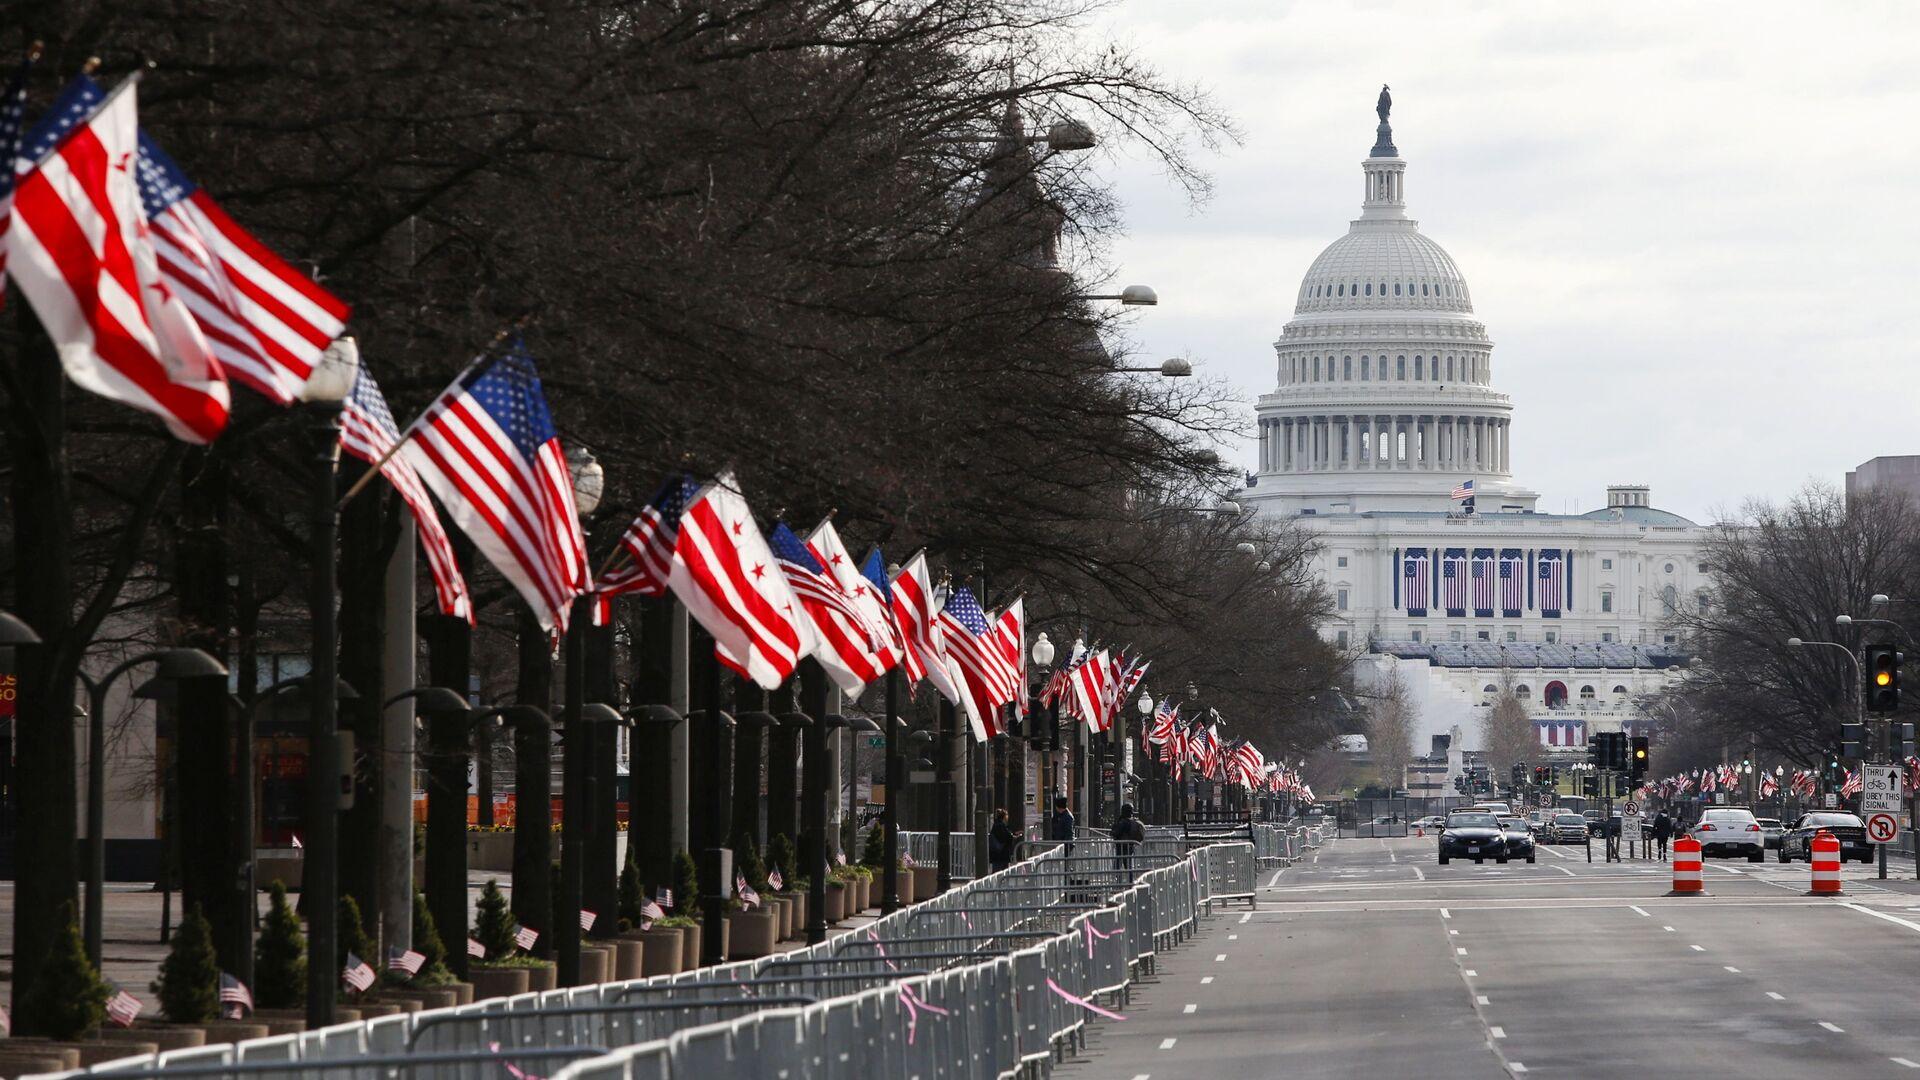 Capitolio en Washington DC en EEUU - Sputnik Mundo, 1920, 01.02.2021